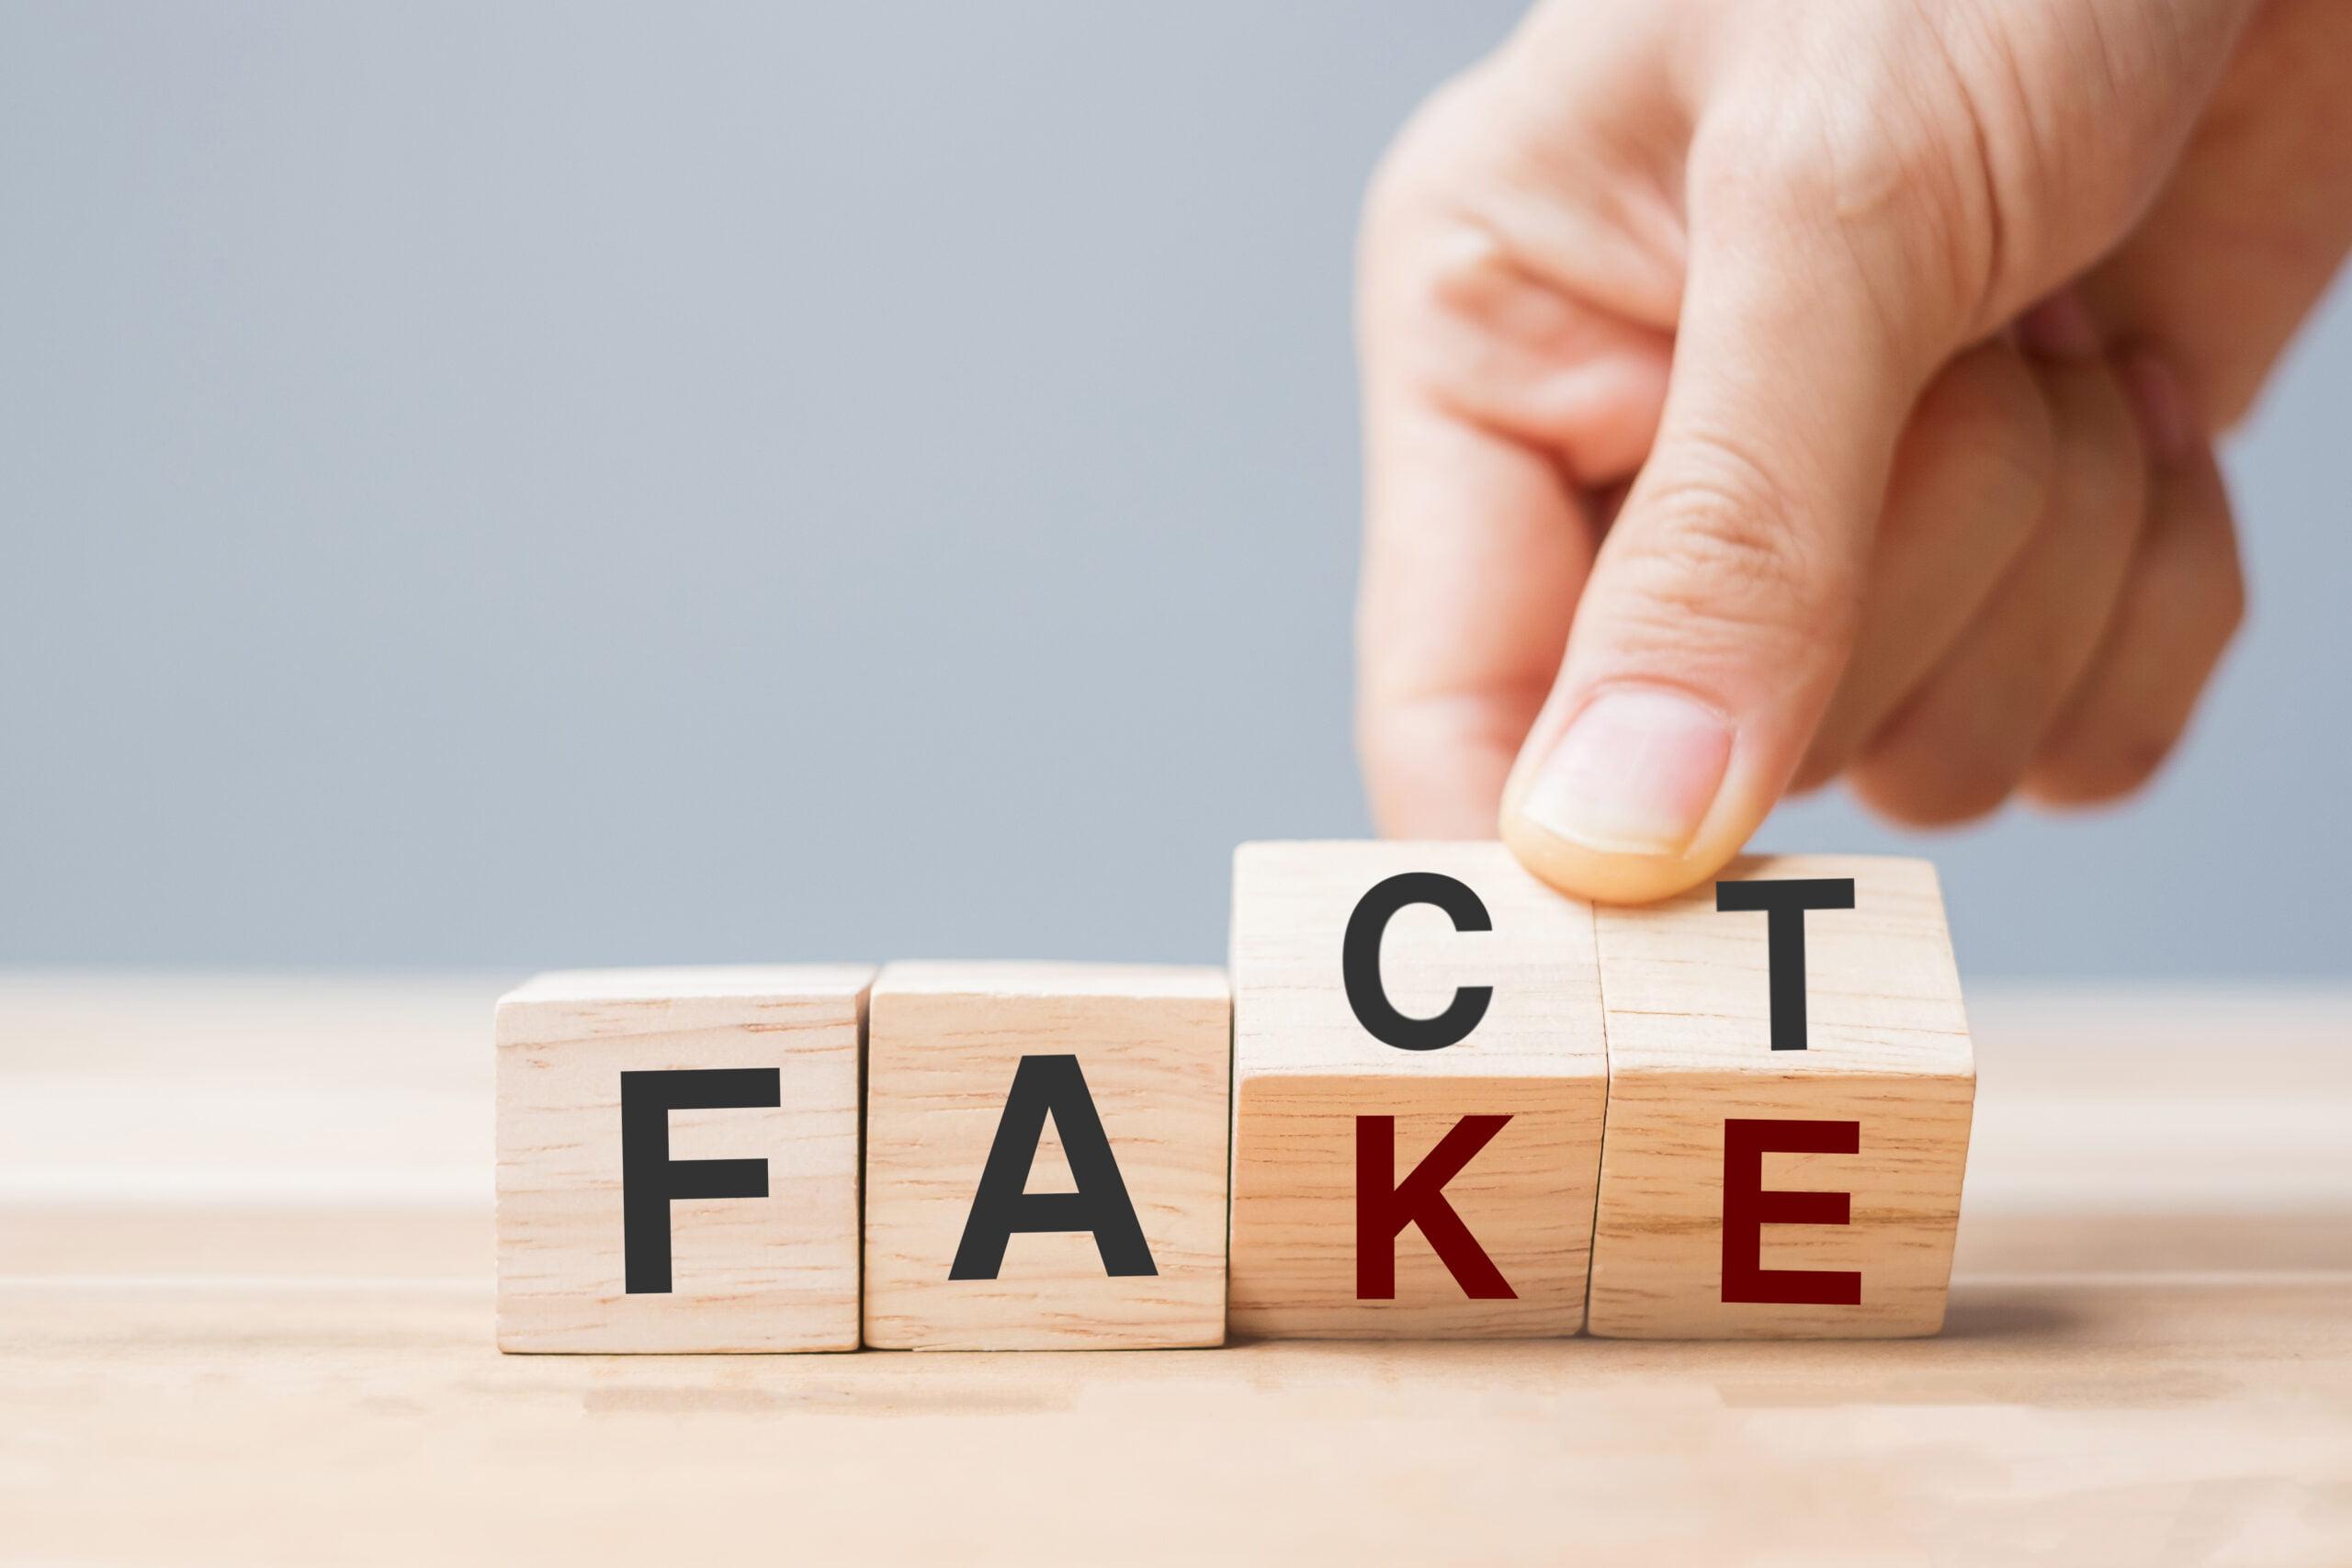 fake and fact